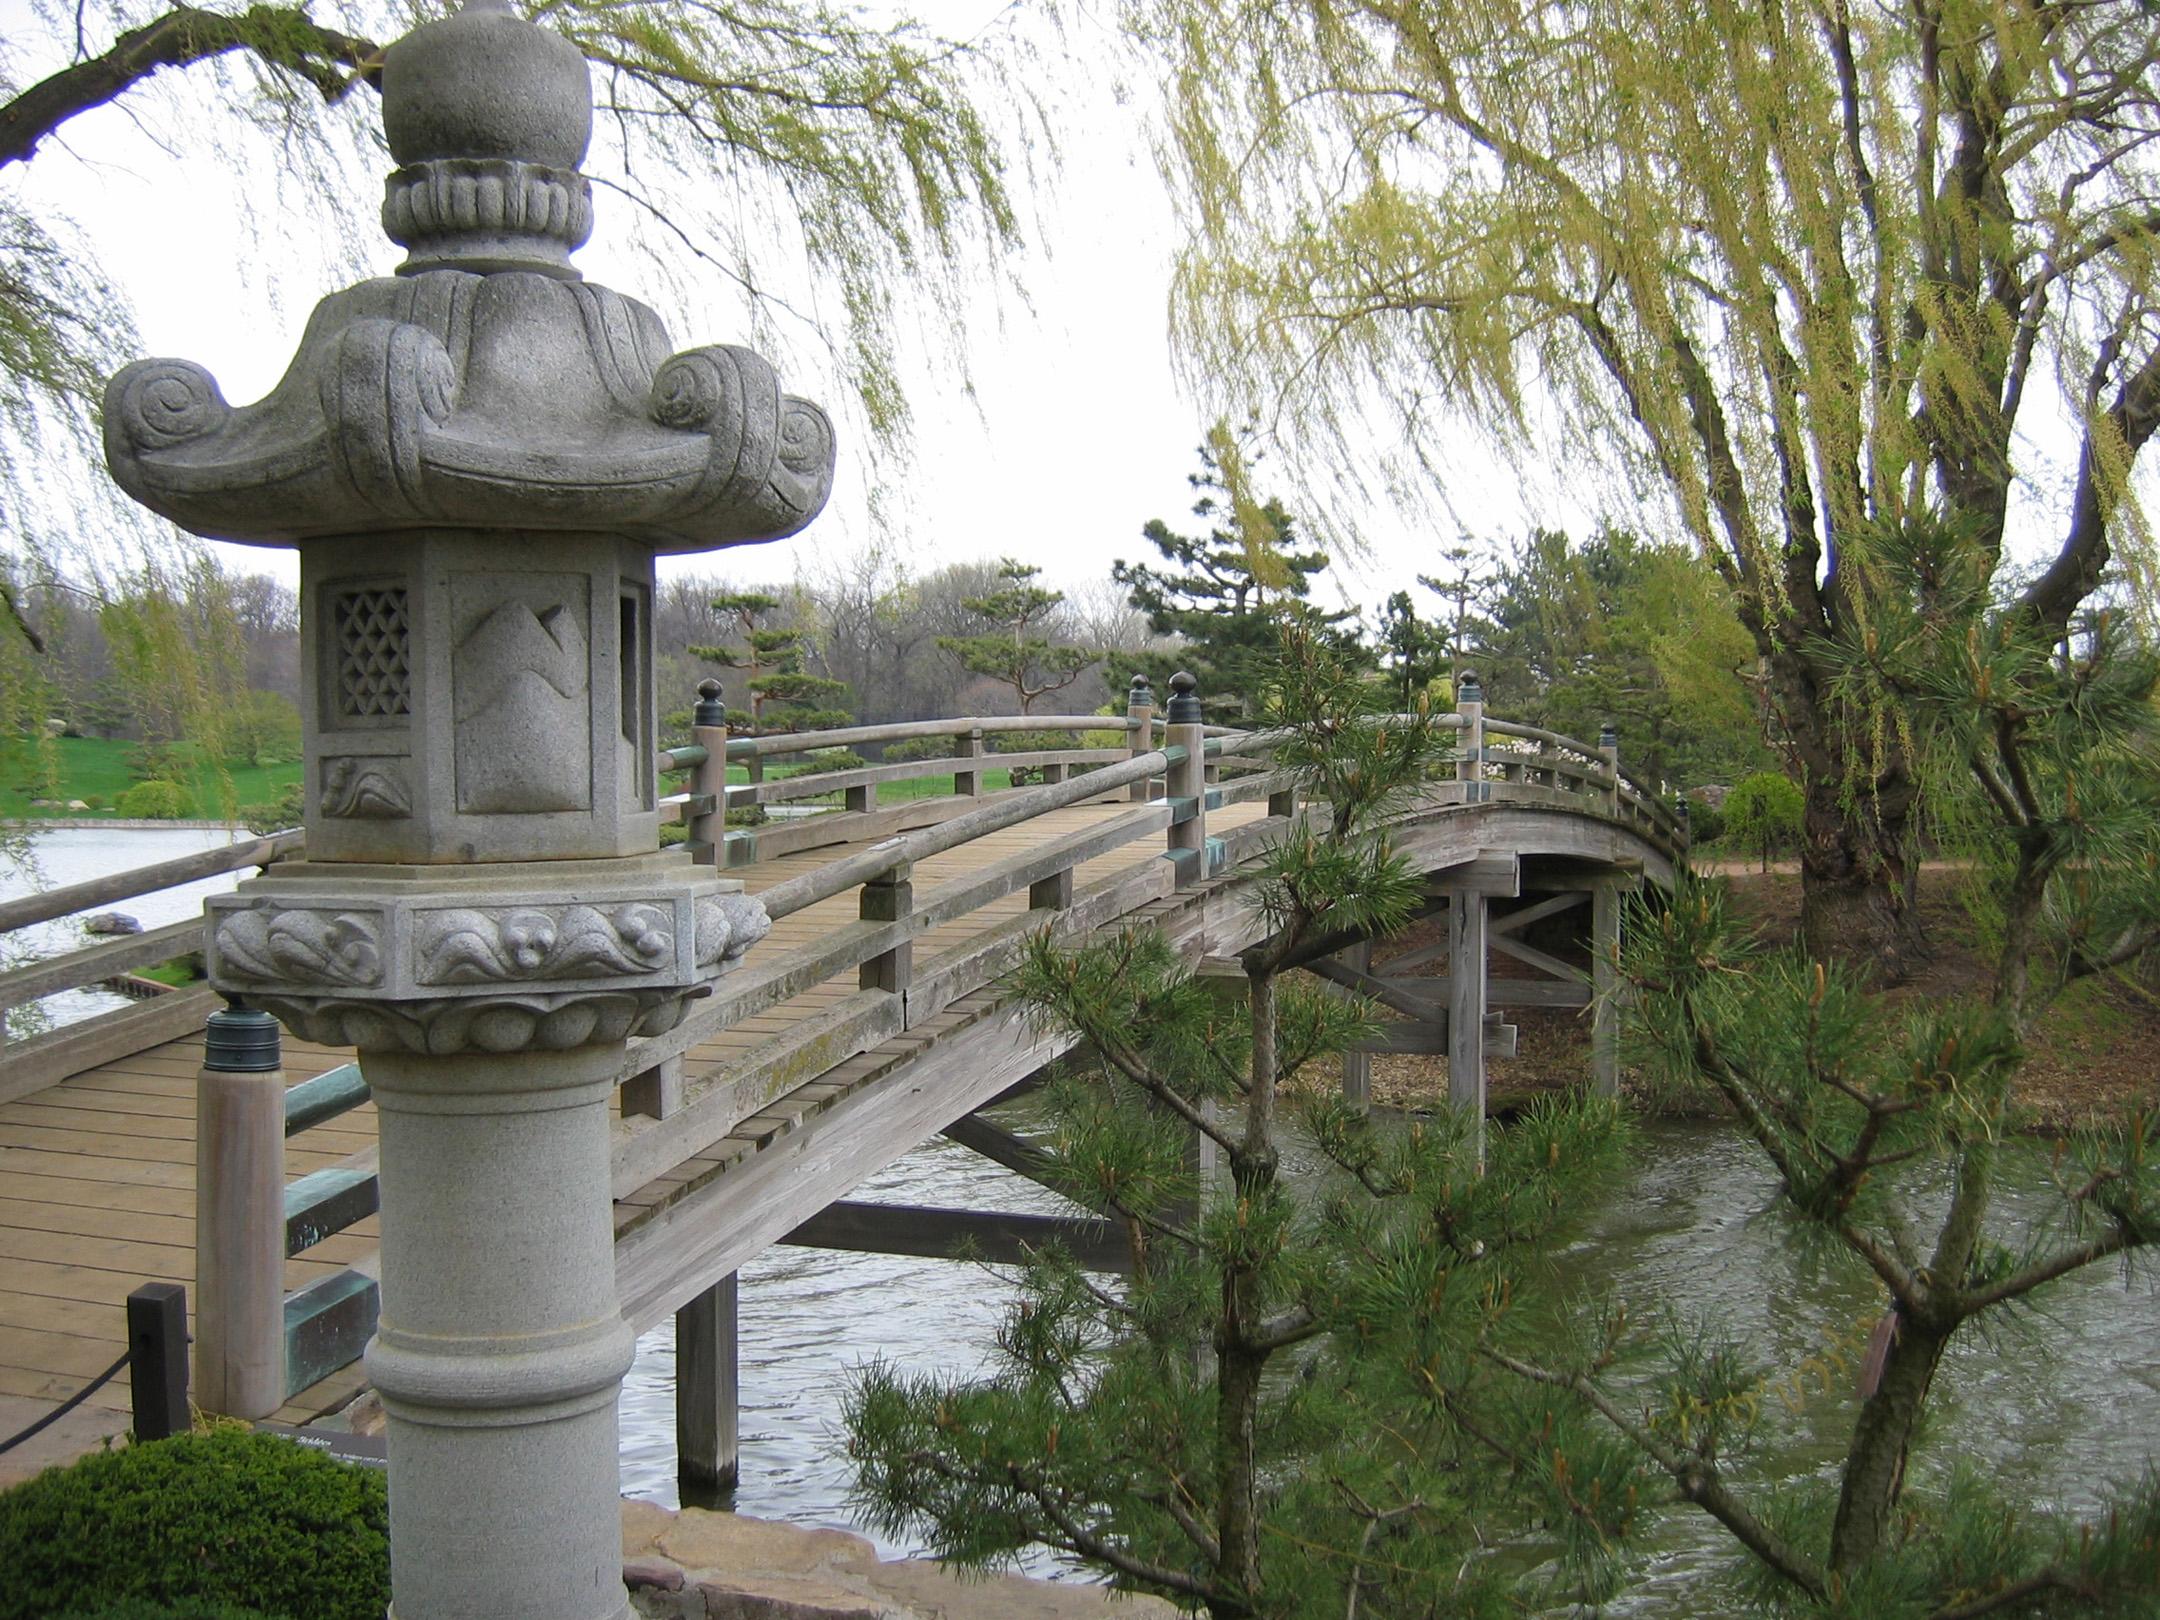 Chicago Botanic Garden Anese Bonsai Collection